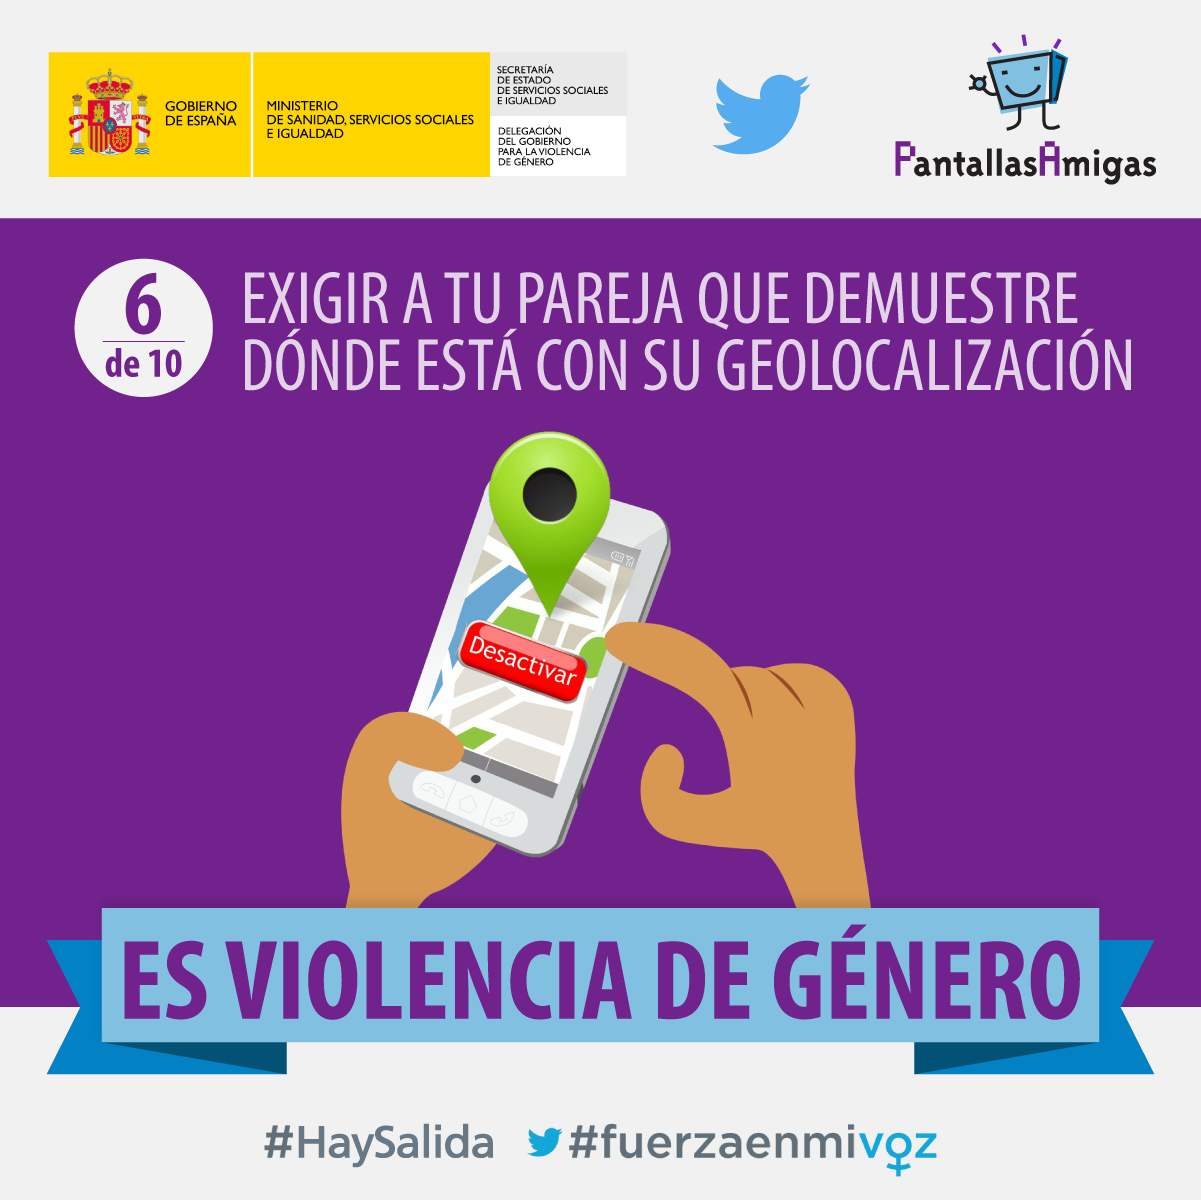 10-FORMAS-VIOLENCIA-DE-GÉNERO-DIGITAL_06_10_Geolocalizar